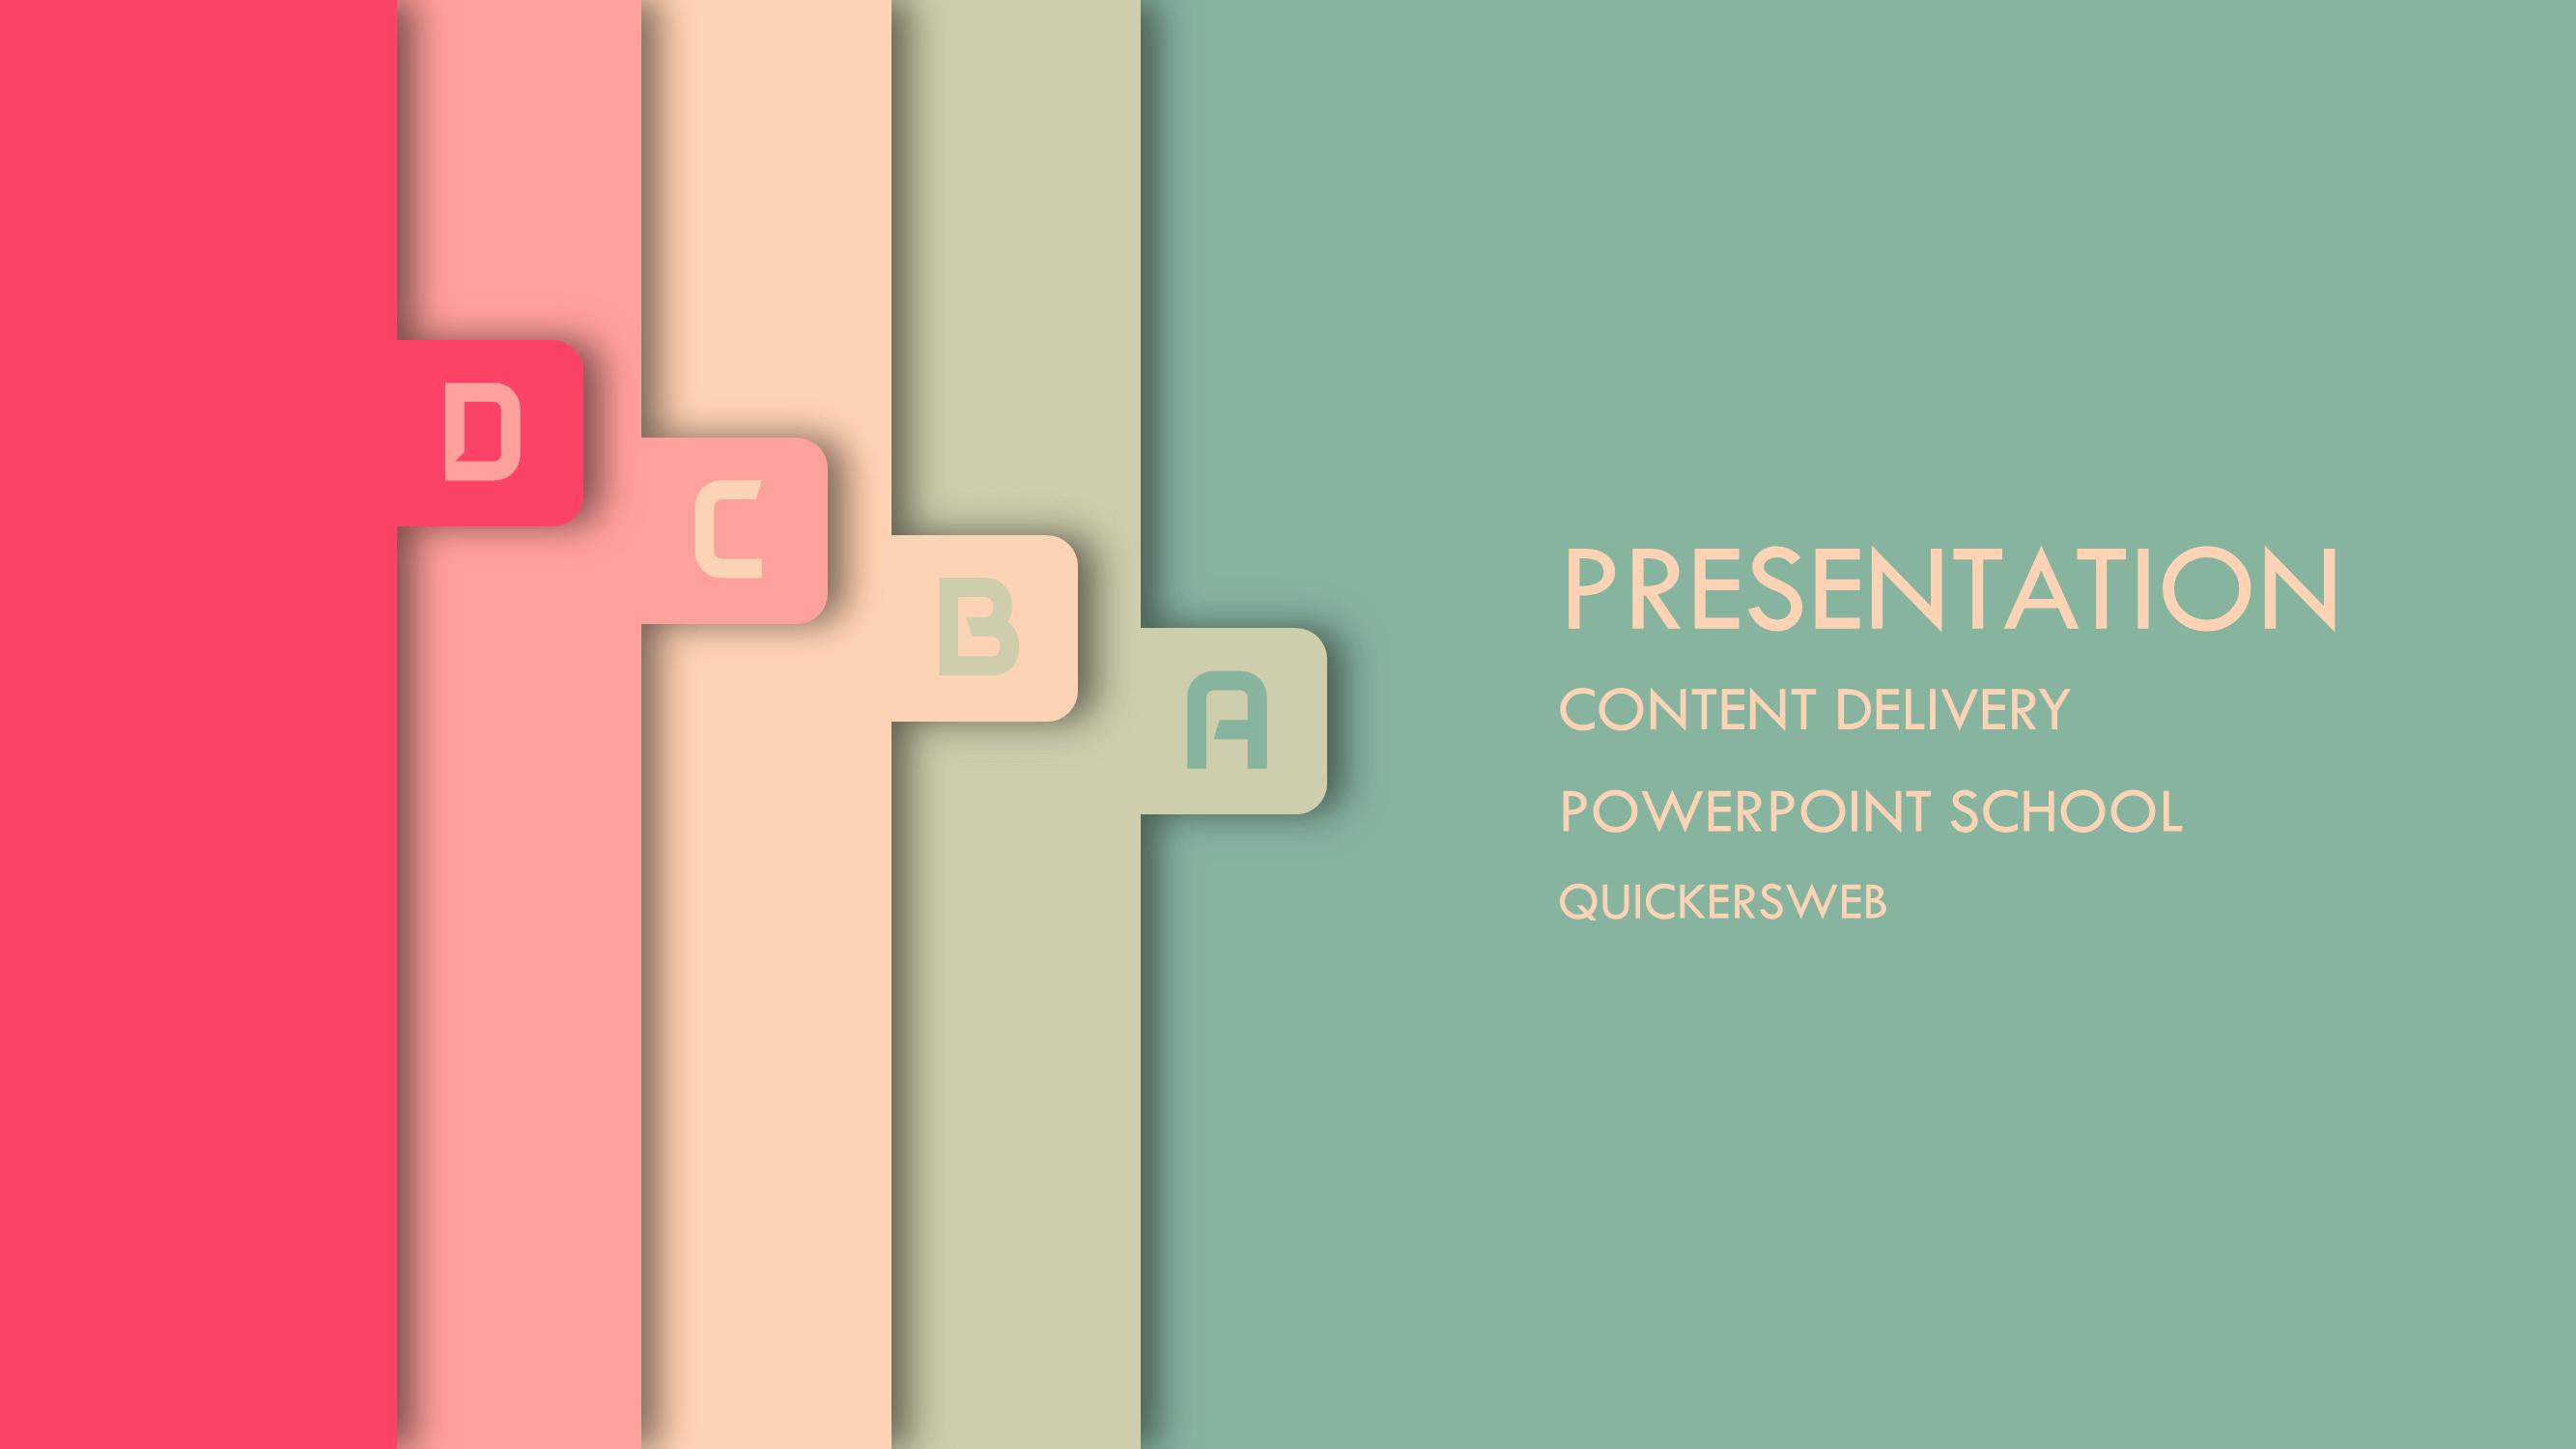 Powerpoint Presentation Design Free Download Unique Free Creative Powerpoint Template Powerpoint School